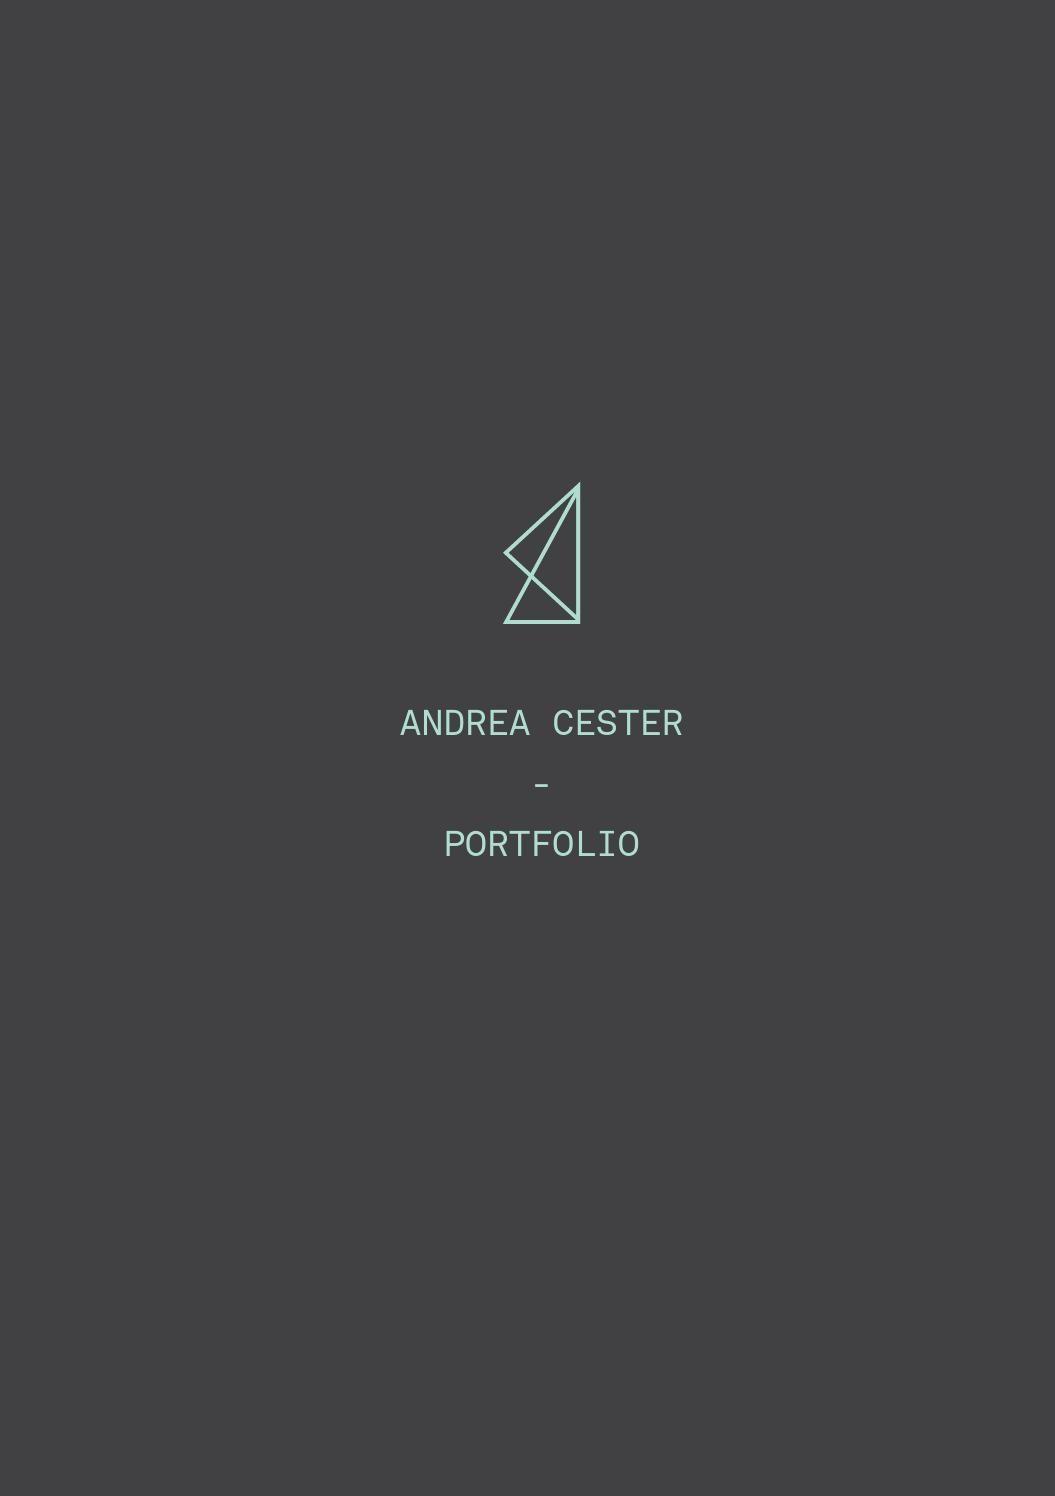 architecture portfolio cover google search modern contemporary andrea cester portfolio personal architecture portfolio 2010 2013